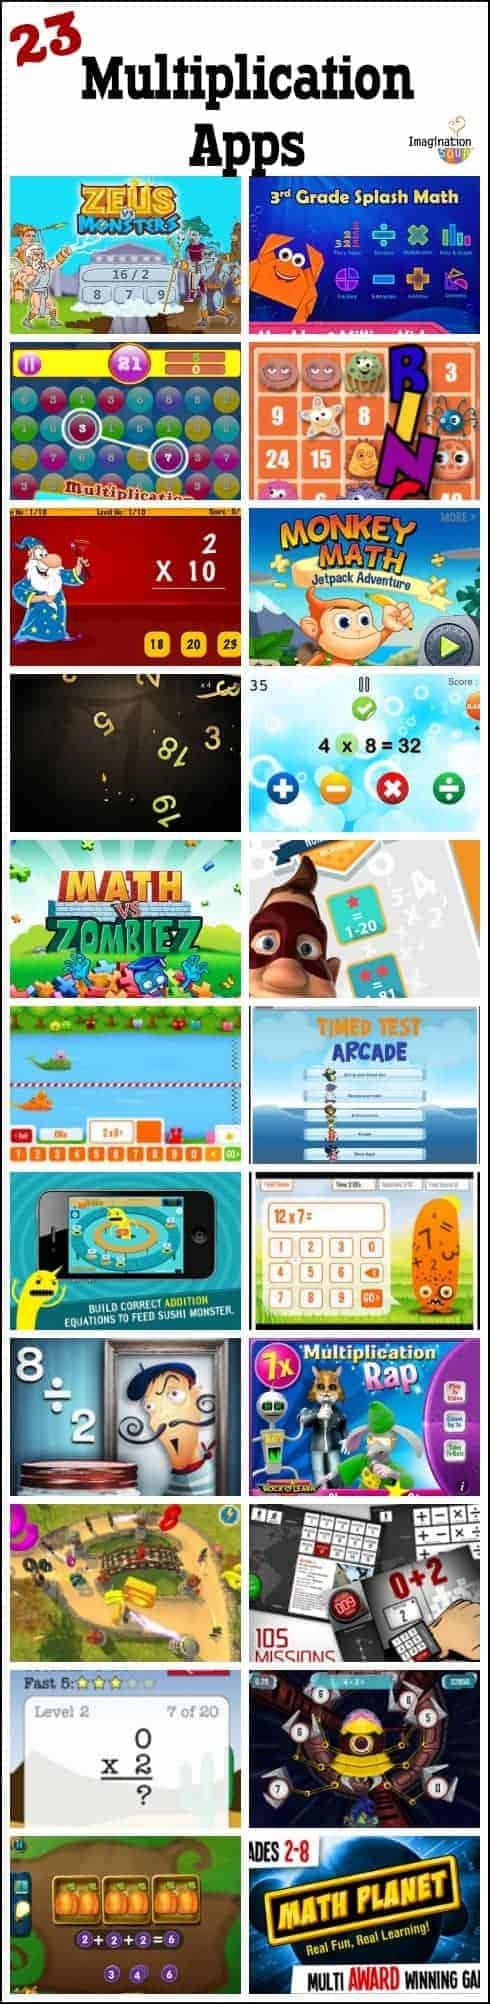 23 multiplication apps for kids